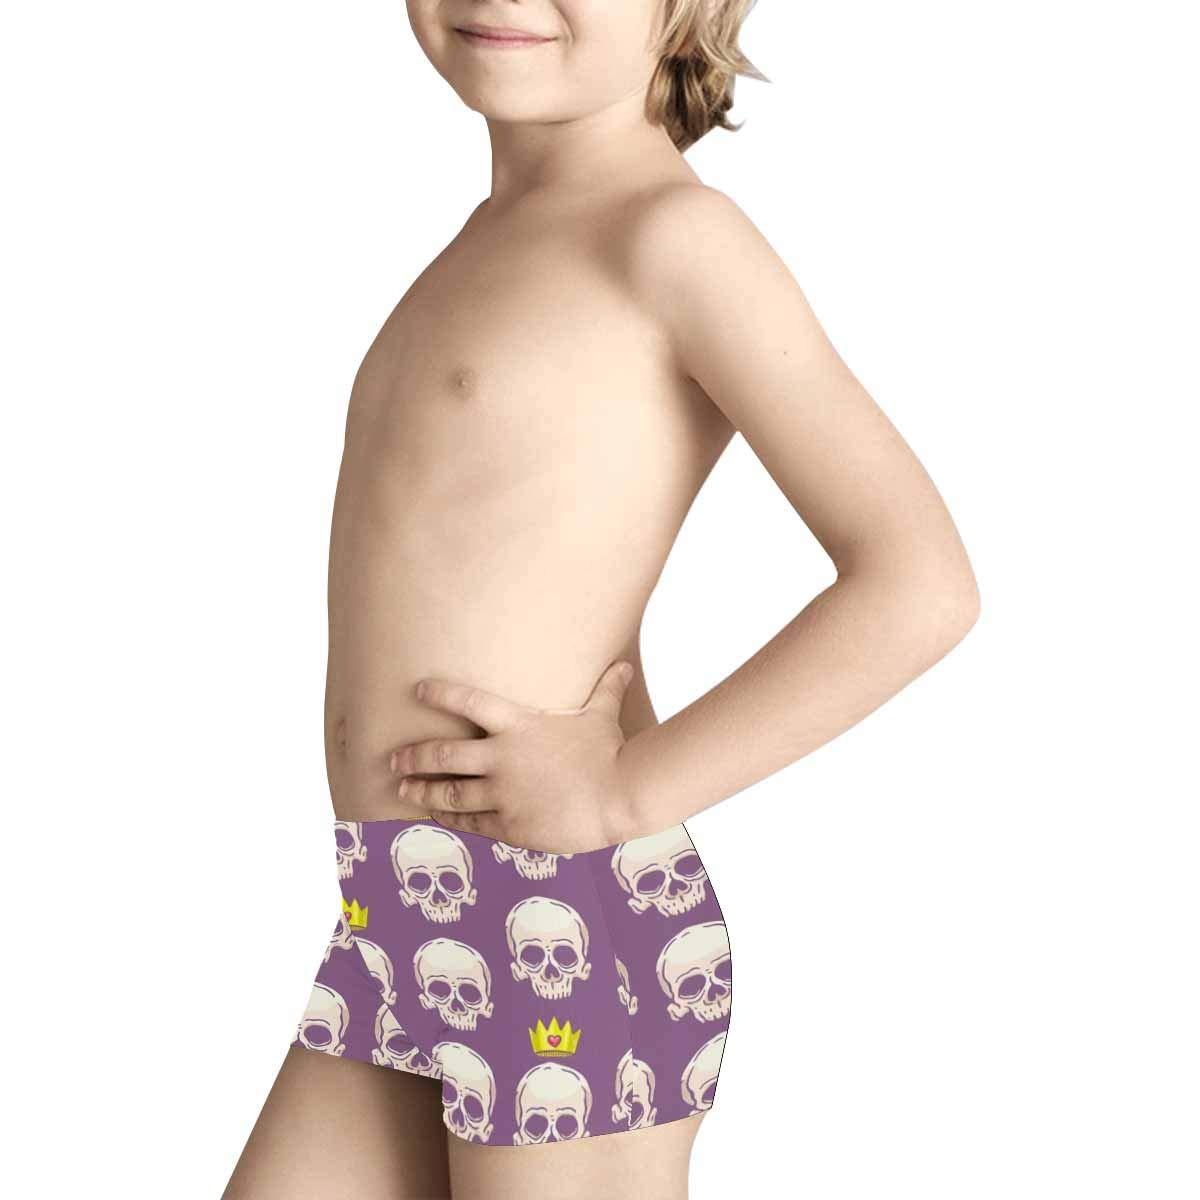 INTERESTPRINT Boys Skulls and Crowns Purple Boxer Brief Underwear 5T-2XL